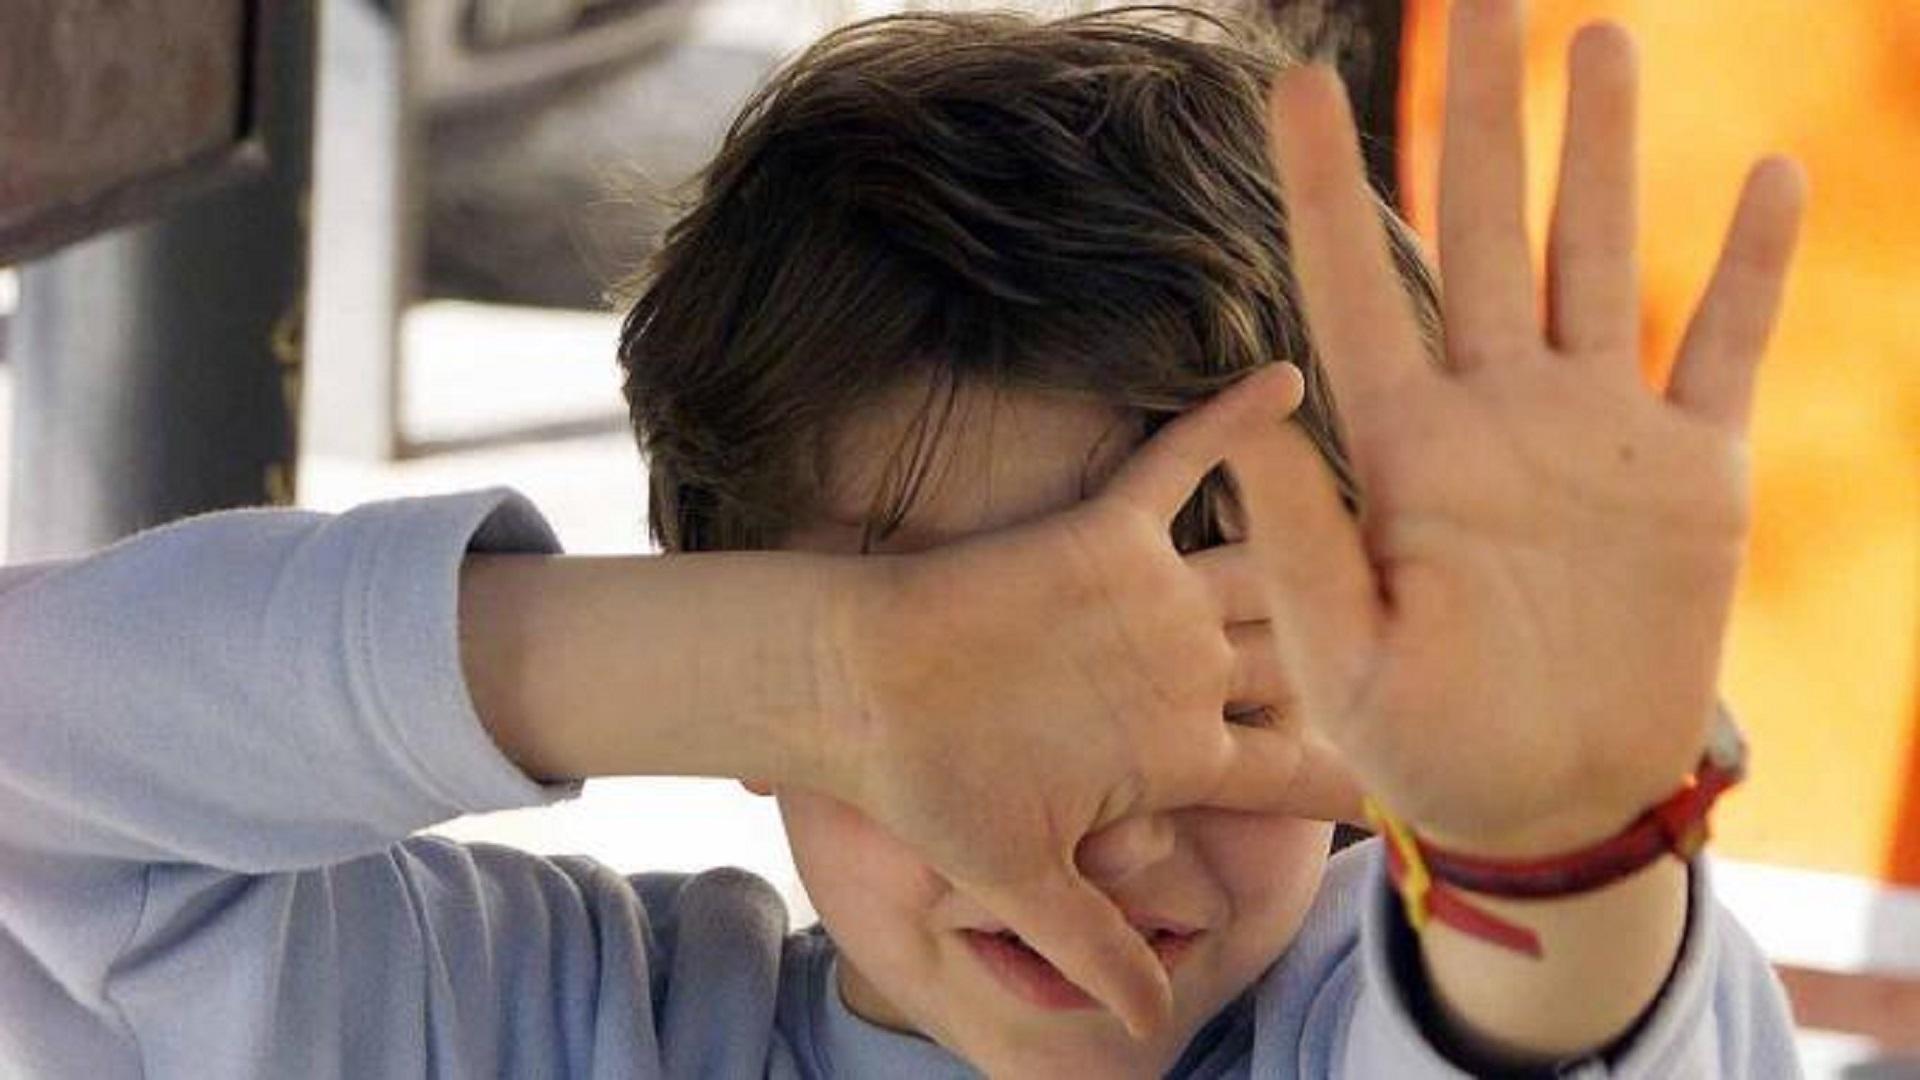 Lanciano: arrestato 69enne per abusi su minore